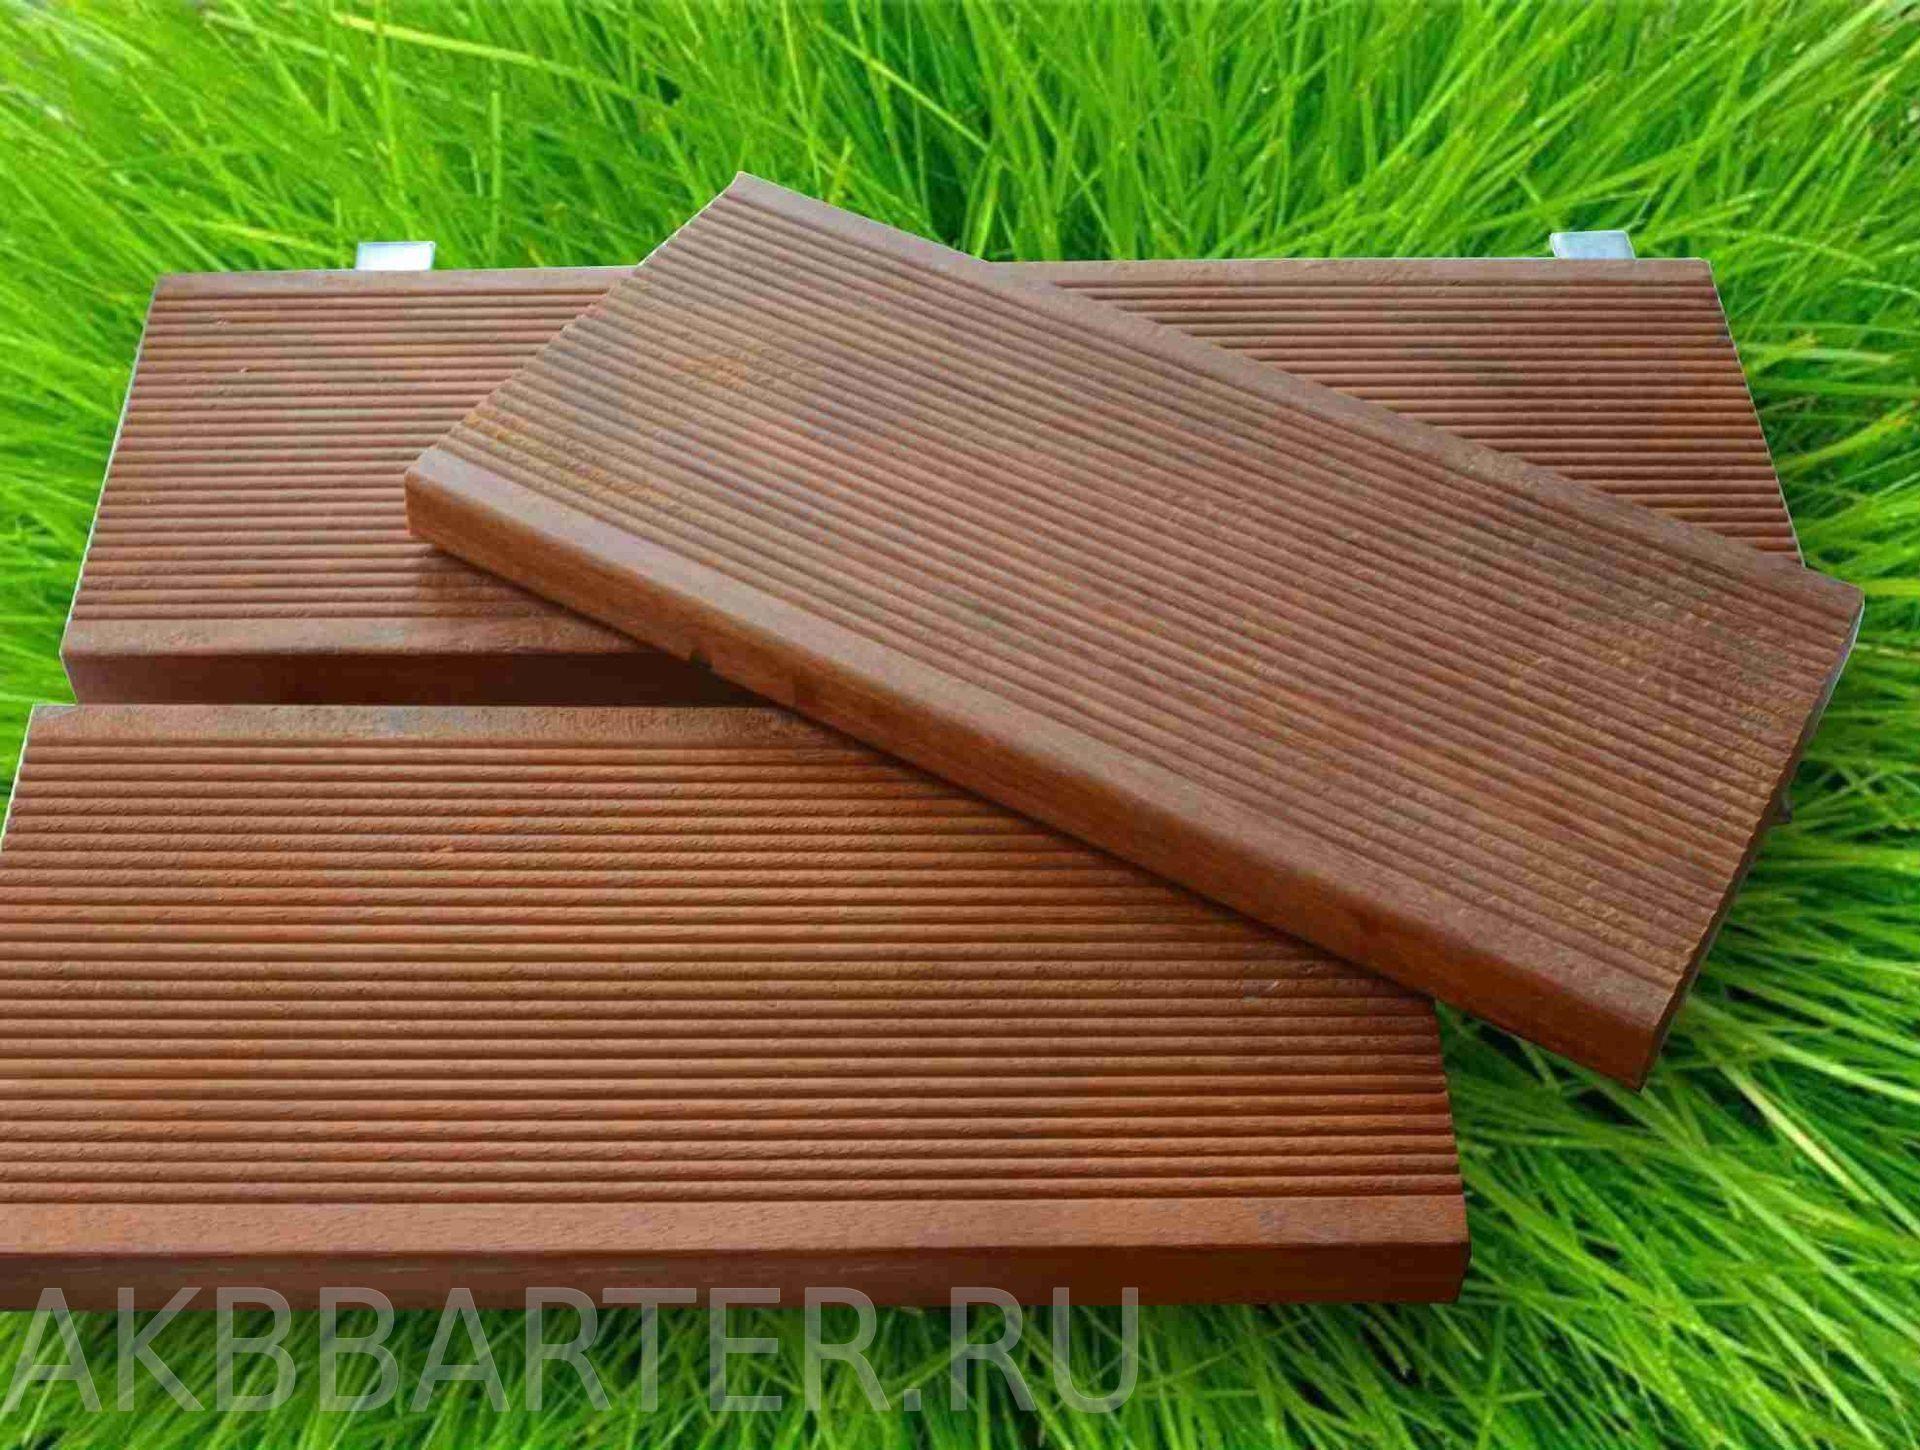 Террасные доски из дпк: текстура пластиковых бесшовных досок, древесно-полимерный композитный декинг для веранды и других мест. что это такое?